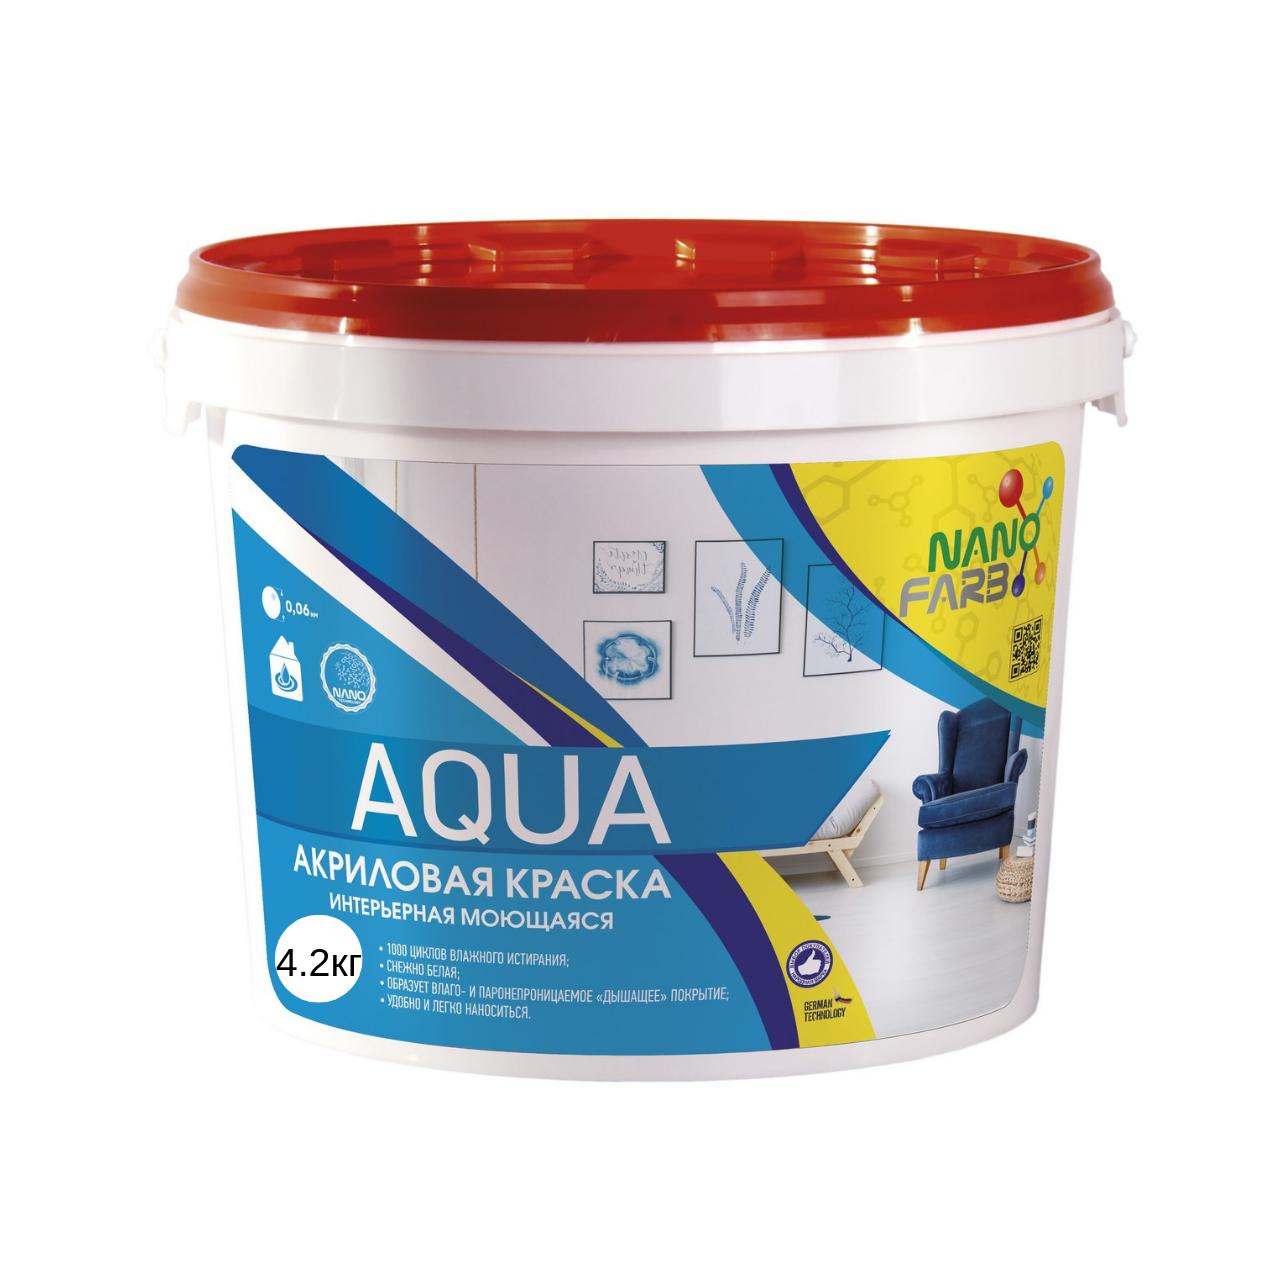 Интерьерная краска для стен и потолка Nanofarb Aqua 4.2кг (Нанофарб Аква)